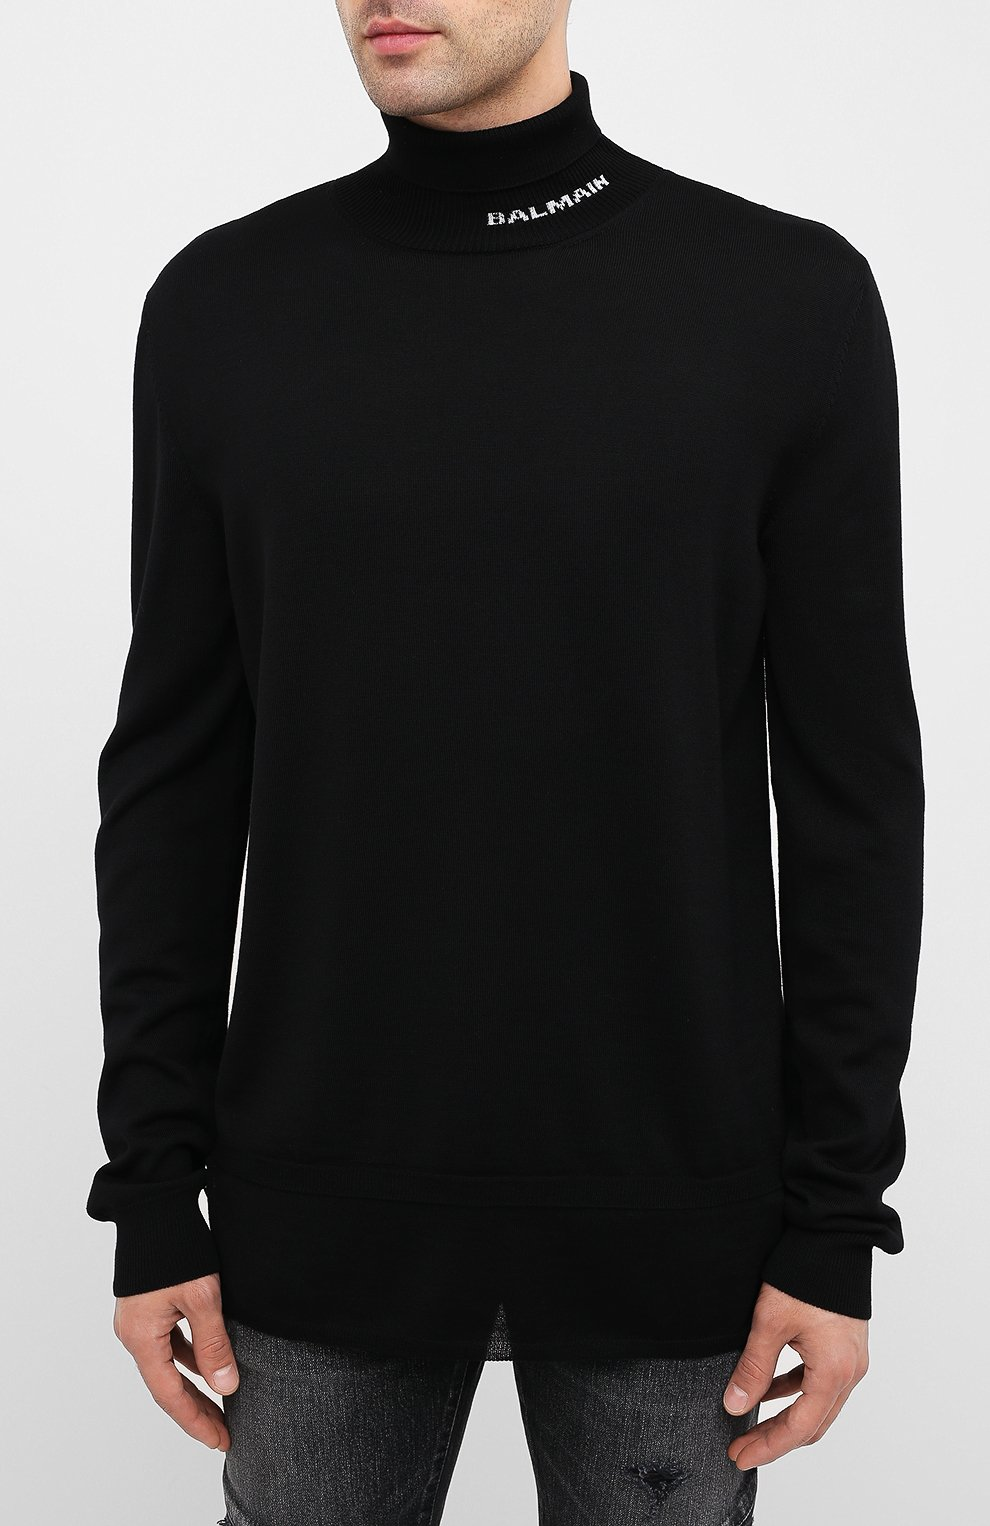 Мужской шерстяной свитер BALMAIN черного цвета, арт. UH13410/K010   Фото 3 (Материал внешний: Шерсть; Рукава: Длинные; Принт: Без принта)